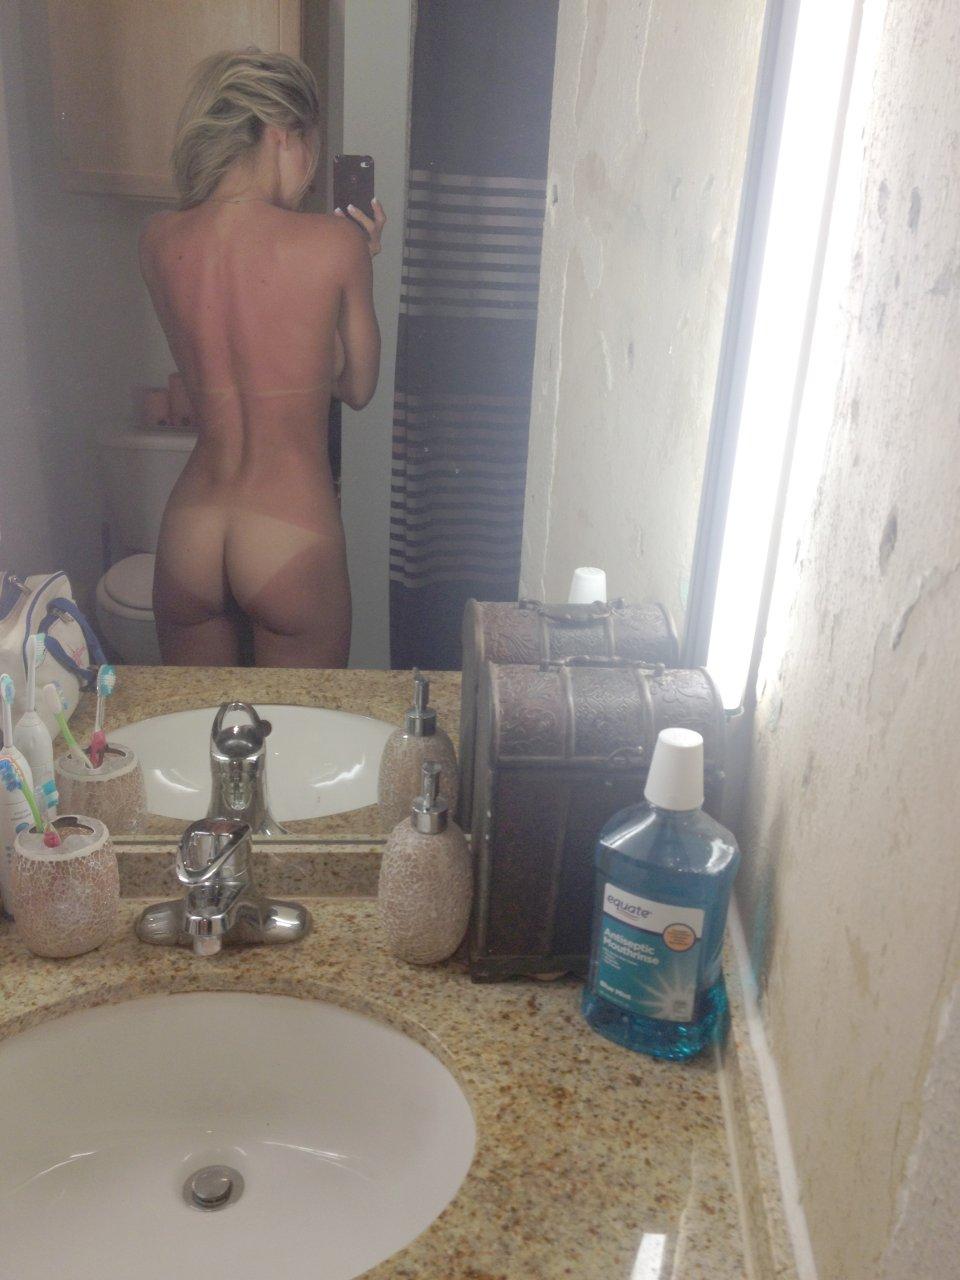 Phrase... super, nude cheerleaders leaked naked something is